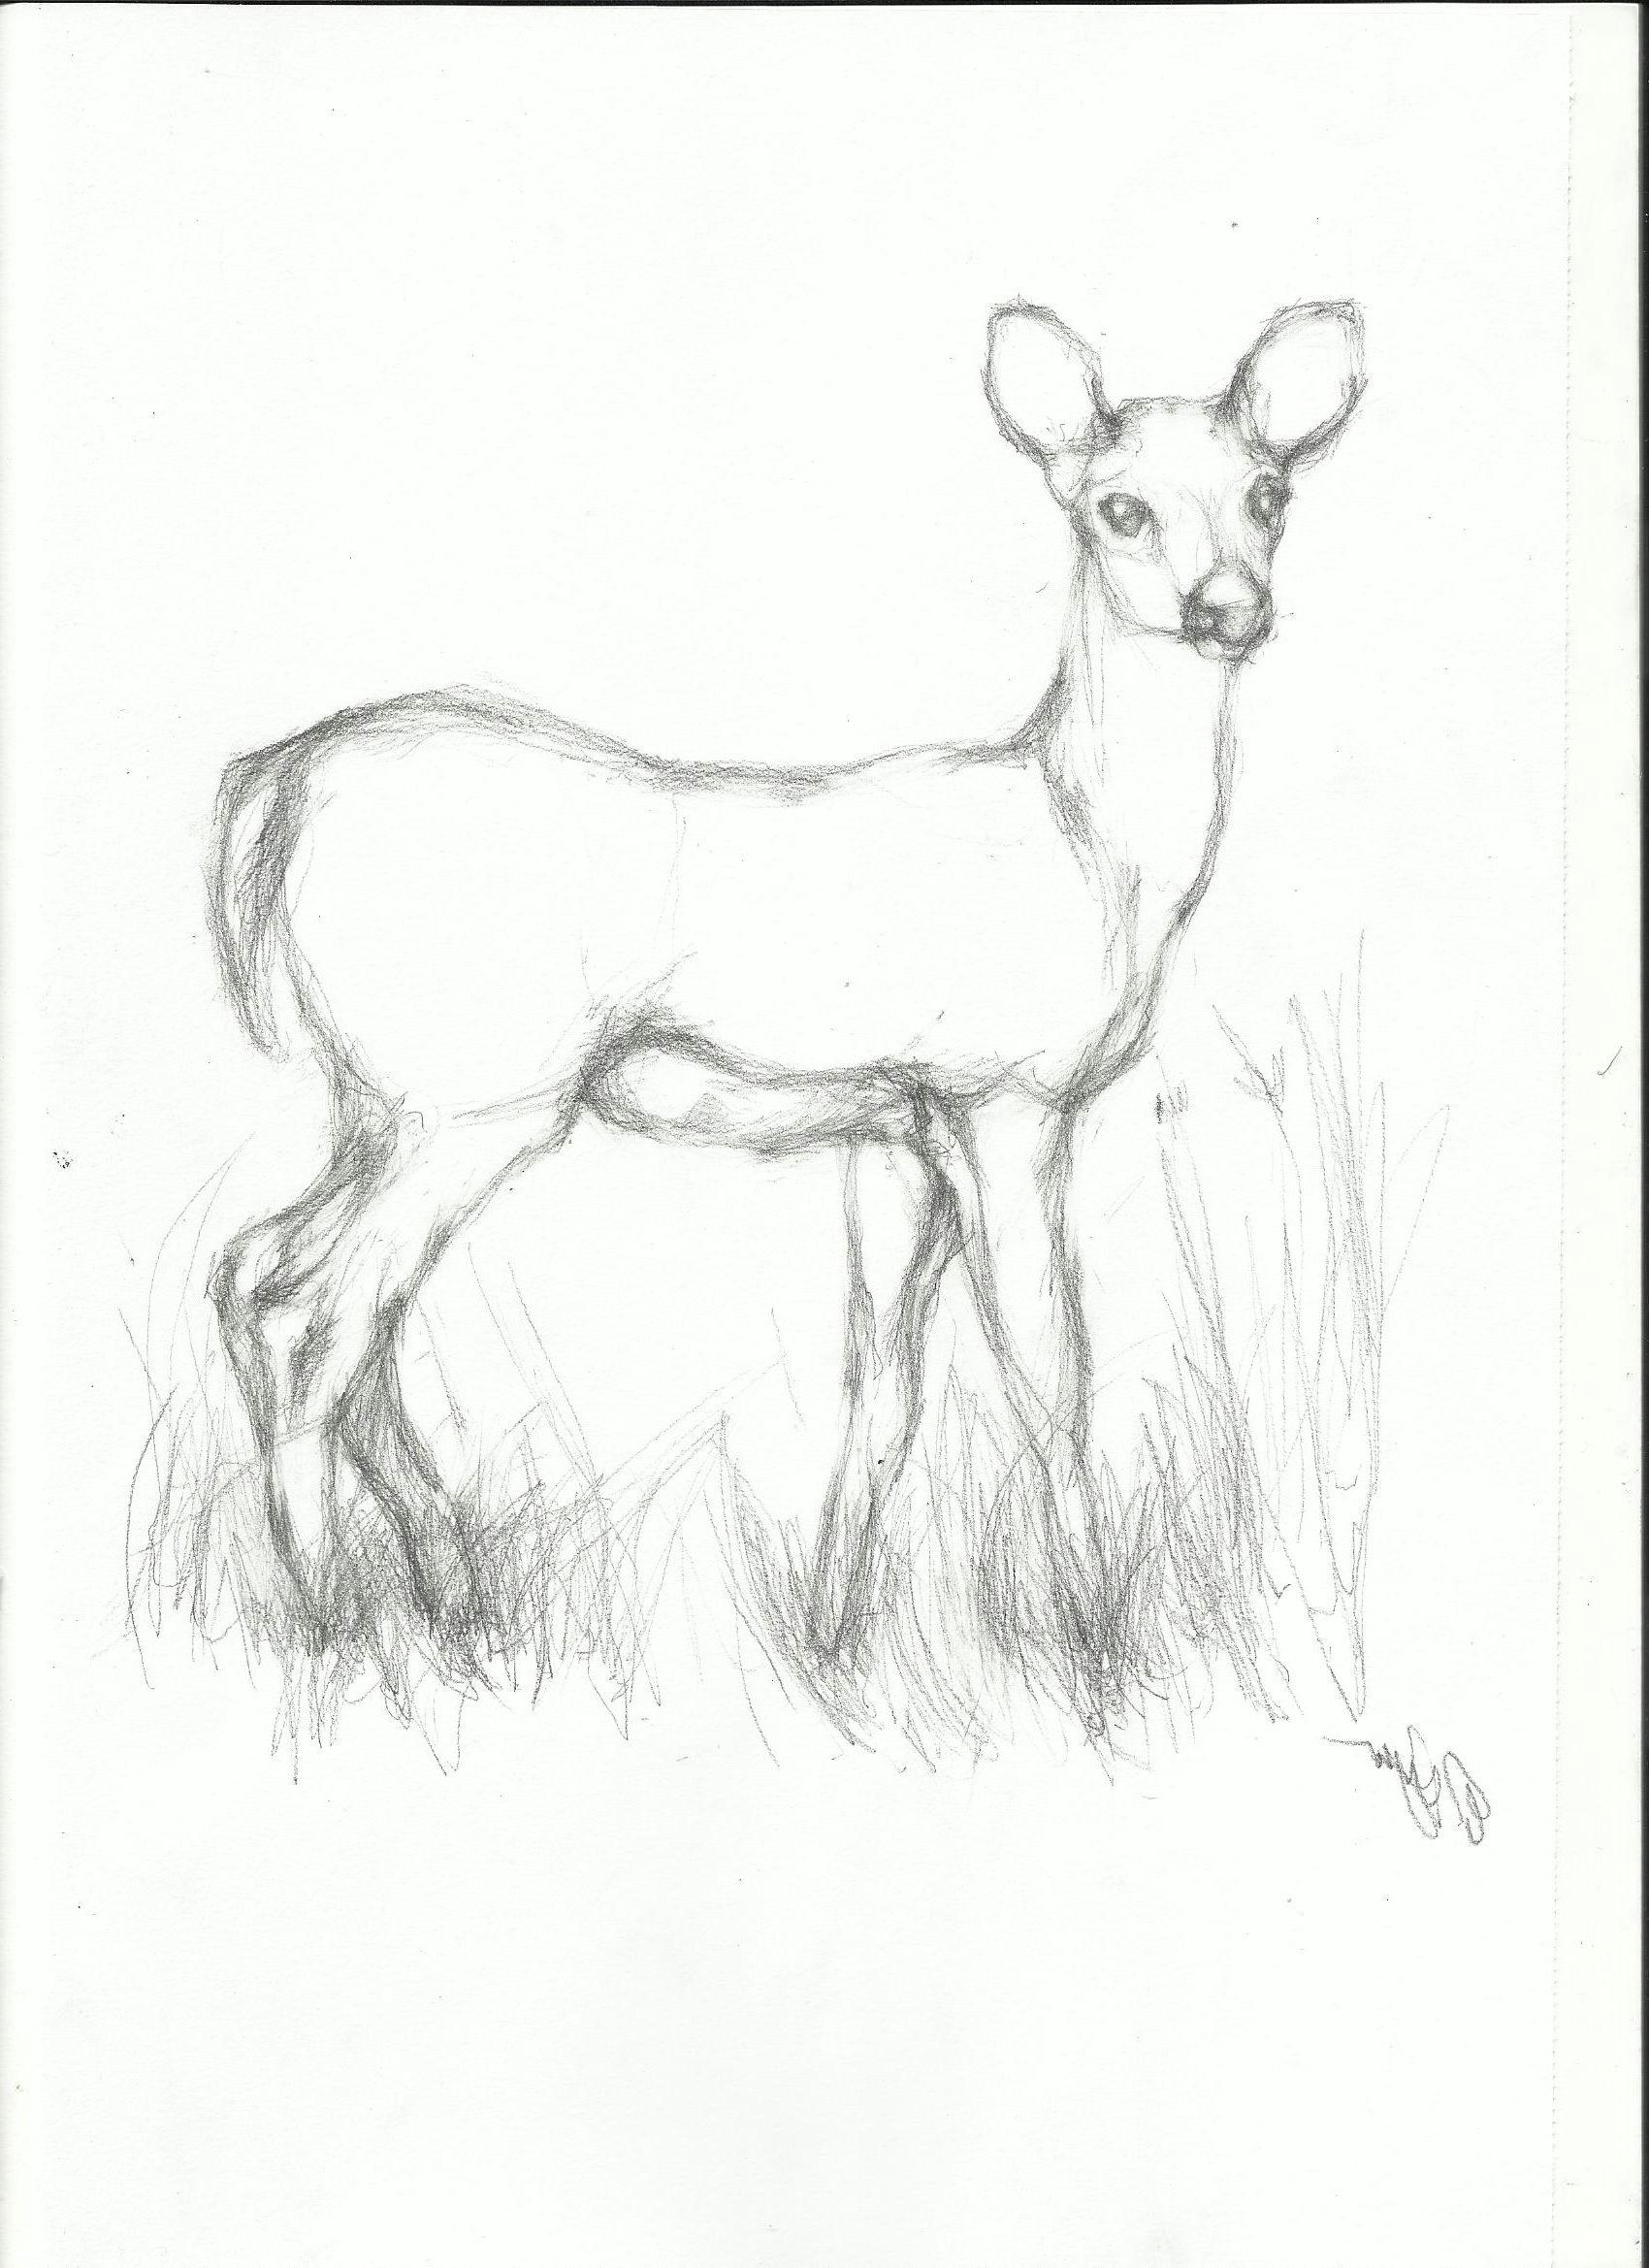 pencil easy animal sketch drawing